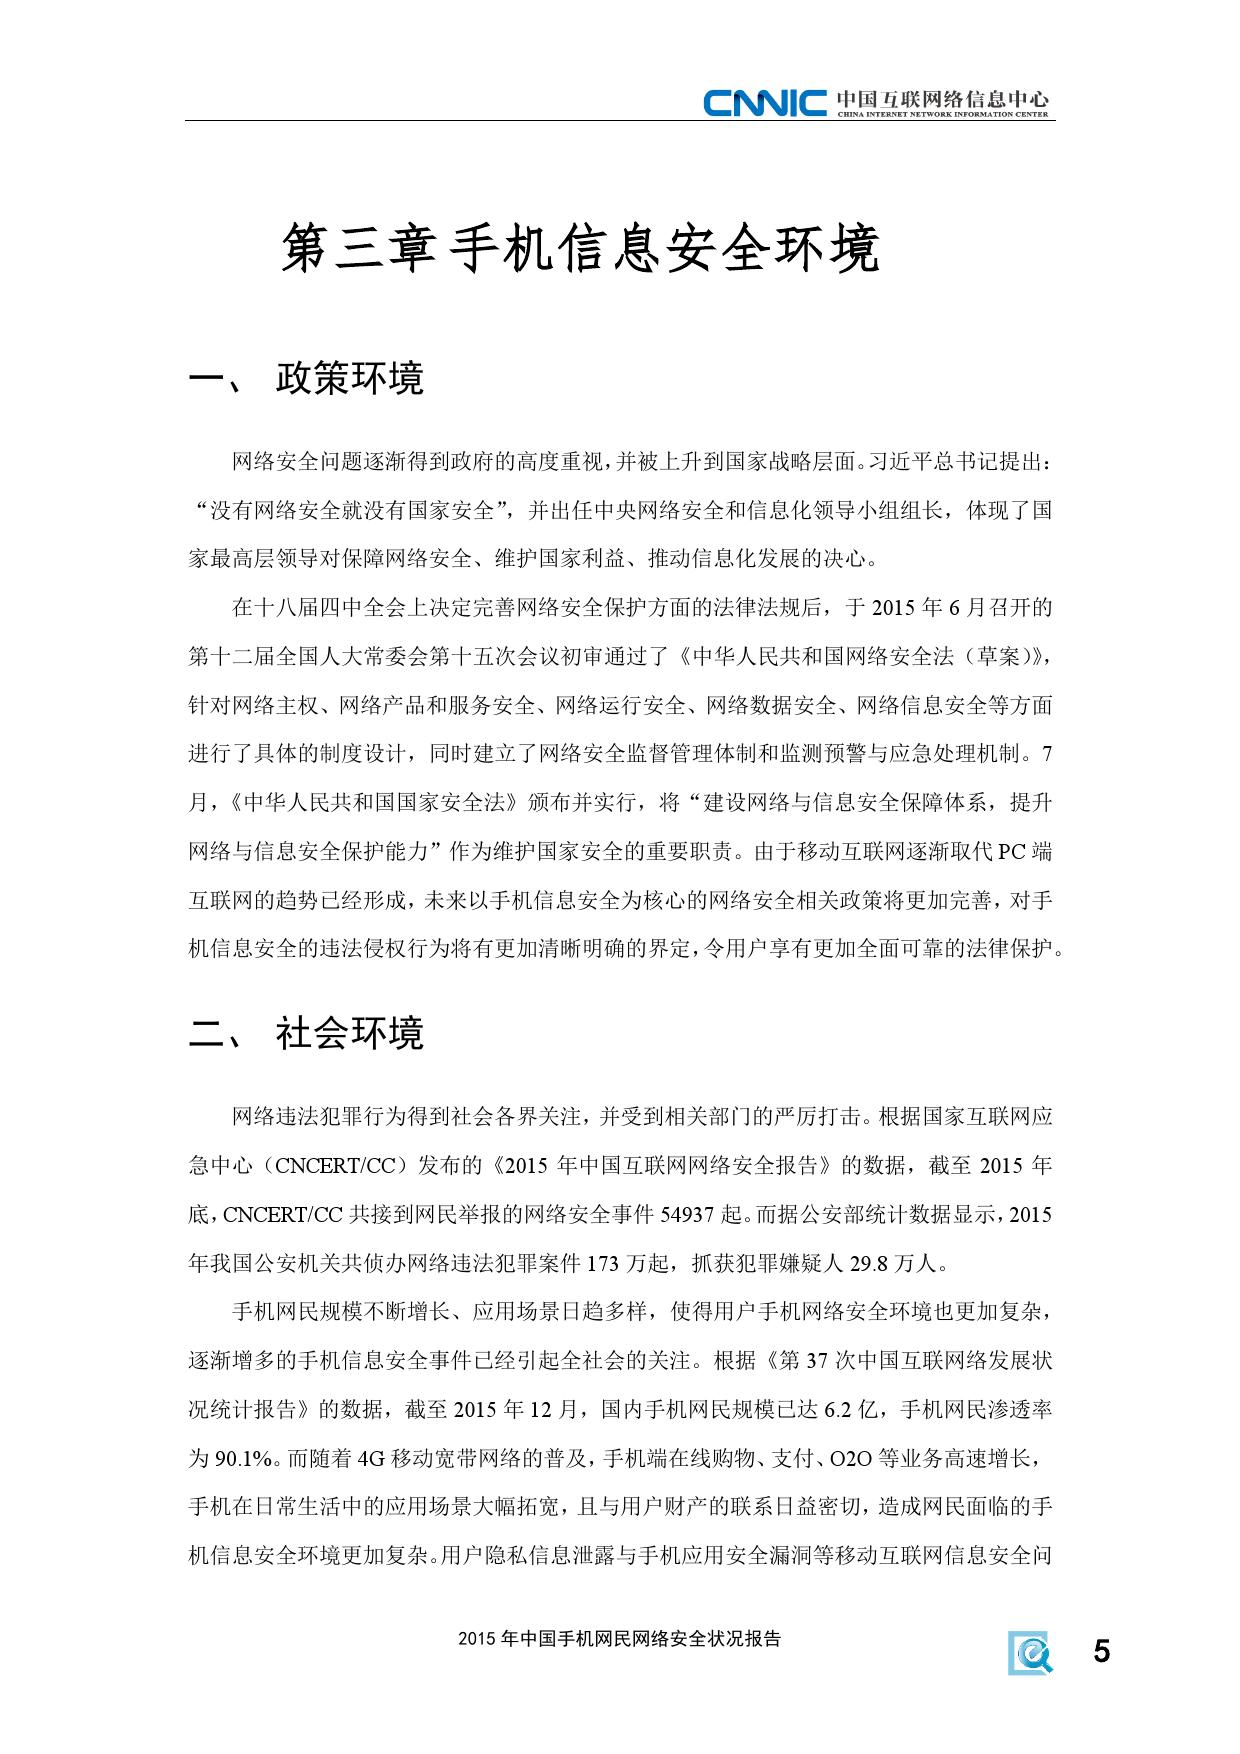 2015年中国手机网民网络安全状况报告_000011